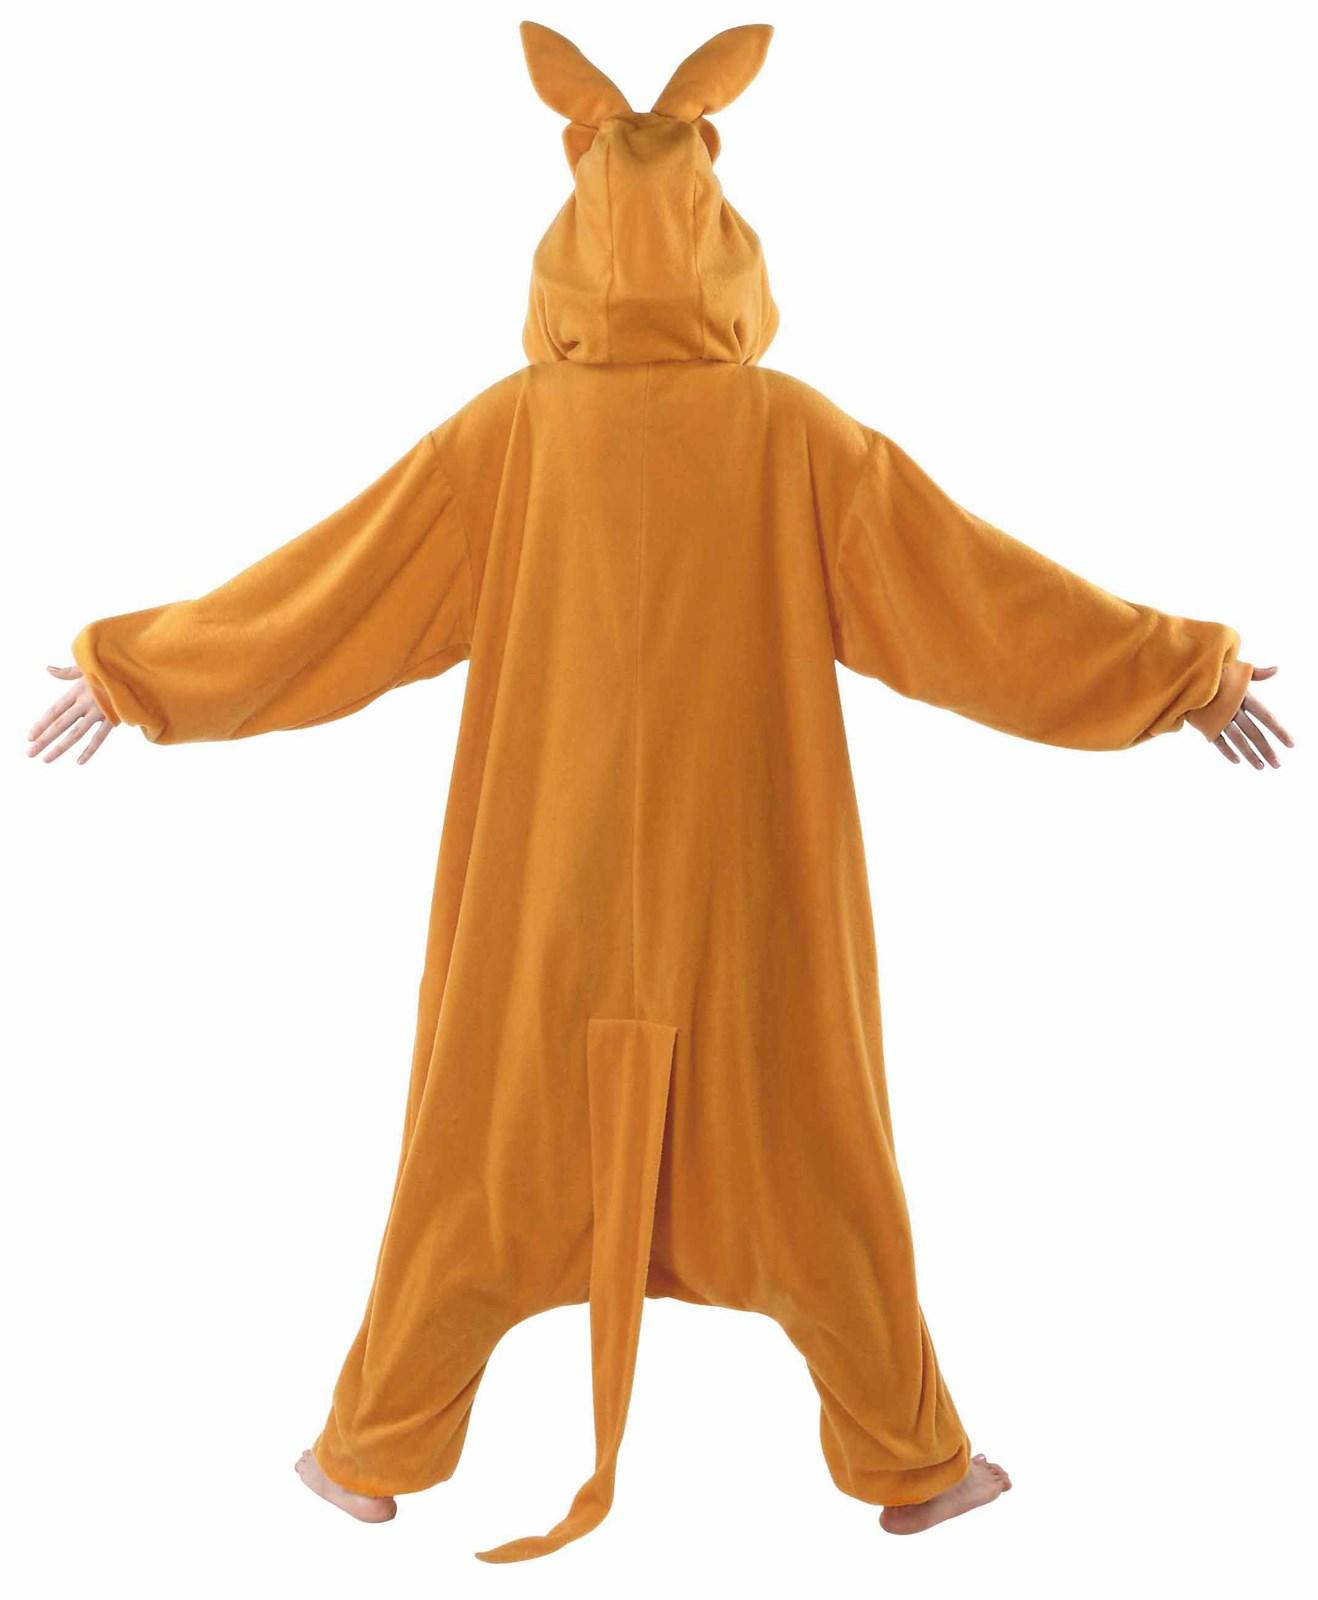 Kangaroo costume - photo#27